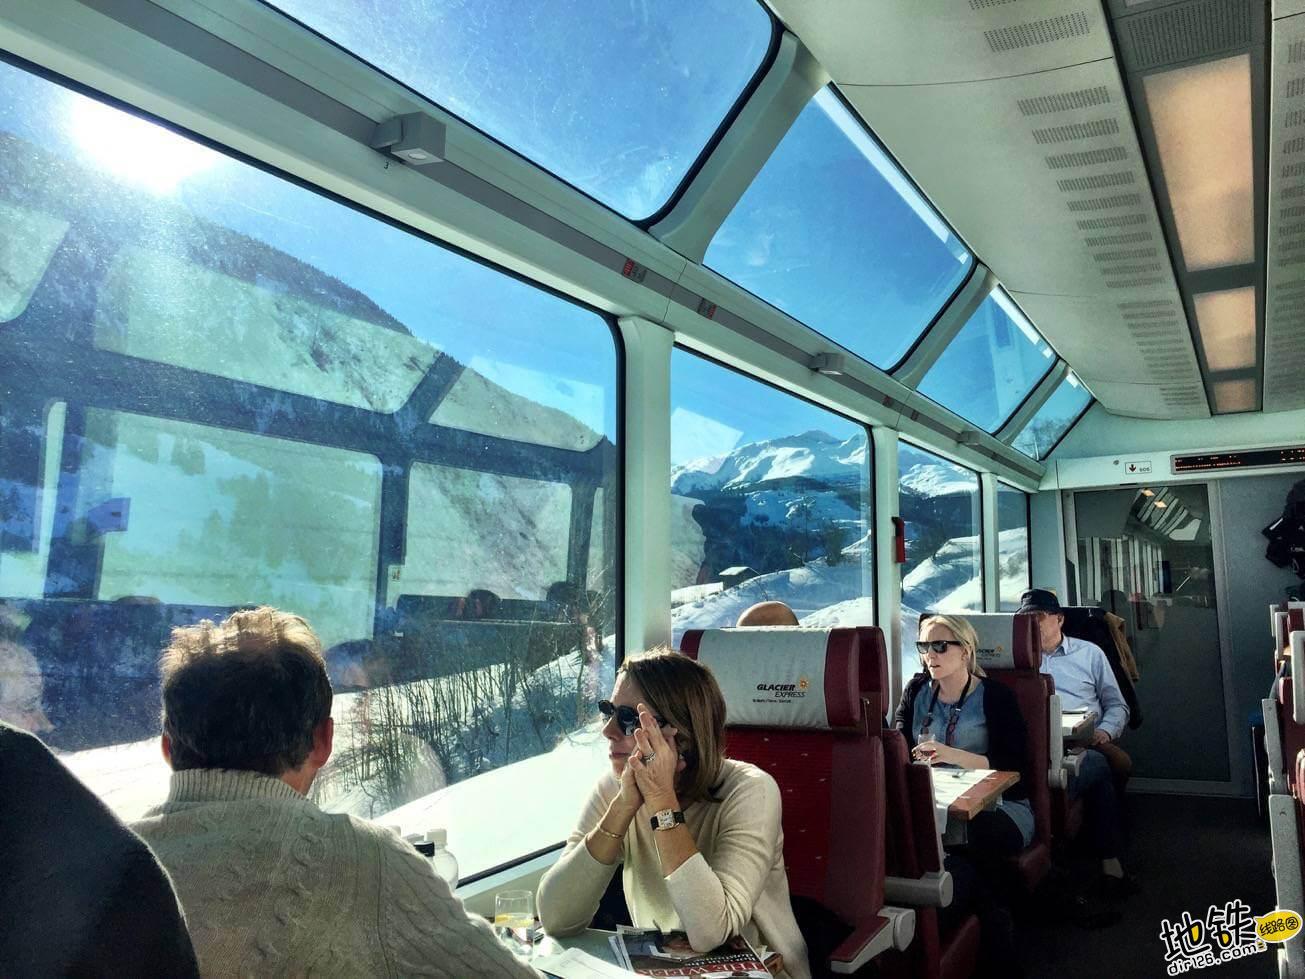 世界上最慢的火车:8小时行驶290公里,乘客却抱怨开太快 瑞士 冰川火车 全球 世界 最慢火车 轨道动态  第3张